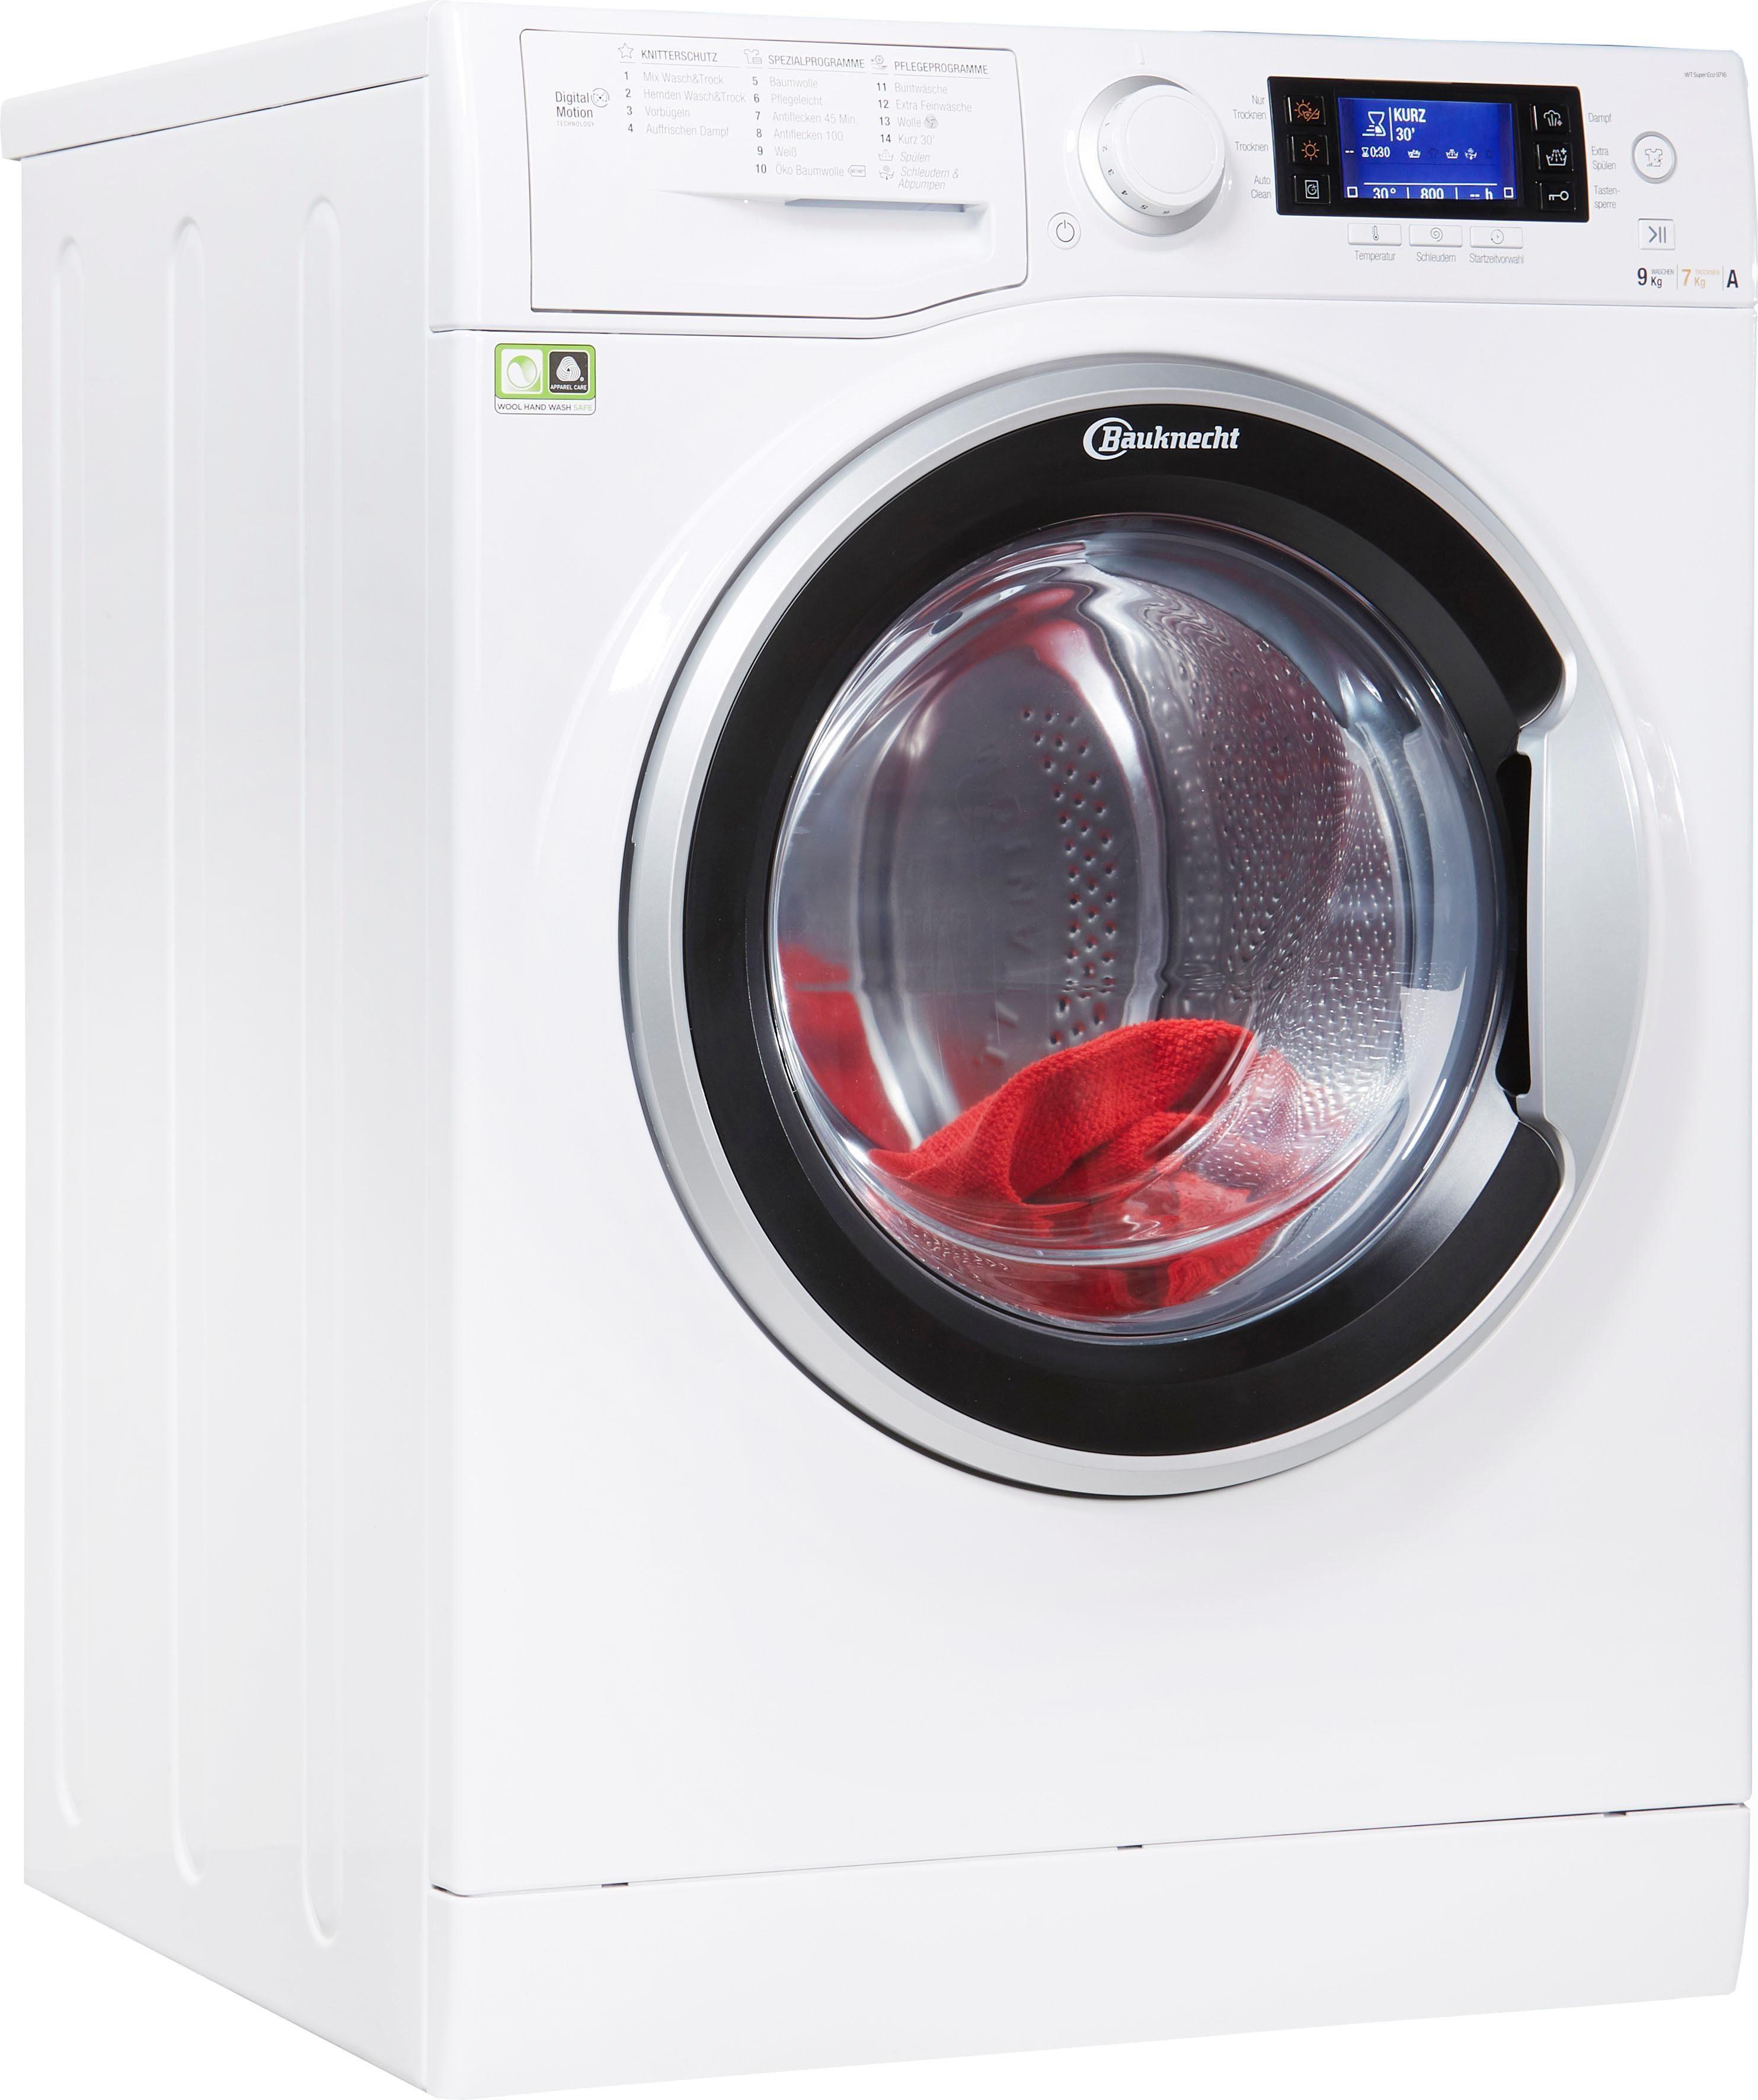 BAUKNECHT Waschtrockner WT Super Eco 9716, 9 kg / 7 kg, 1600 U/Min | Bad > Waschmaschinen und Trockner > Waschtrockner | Bauknecht